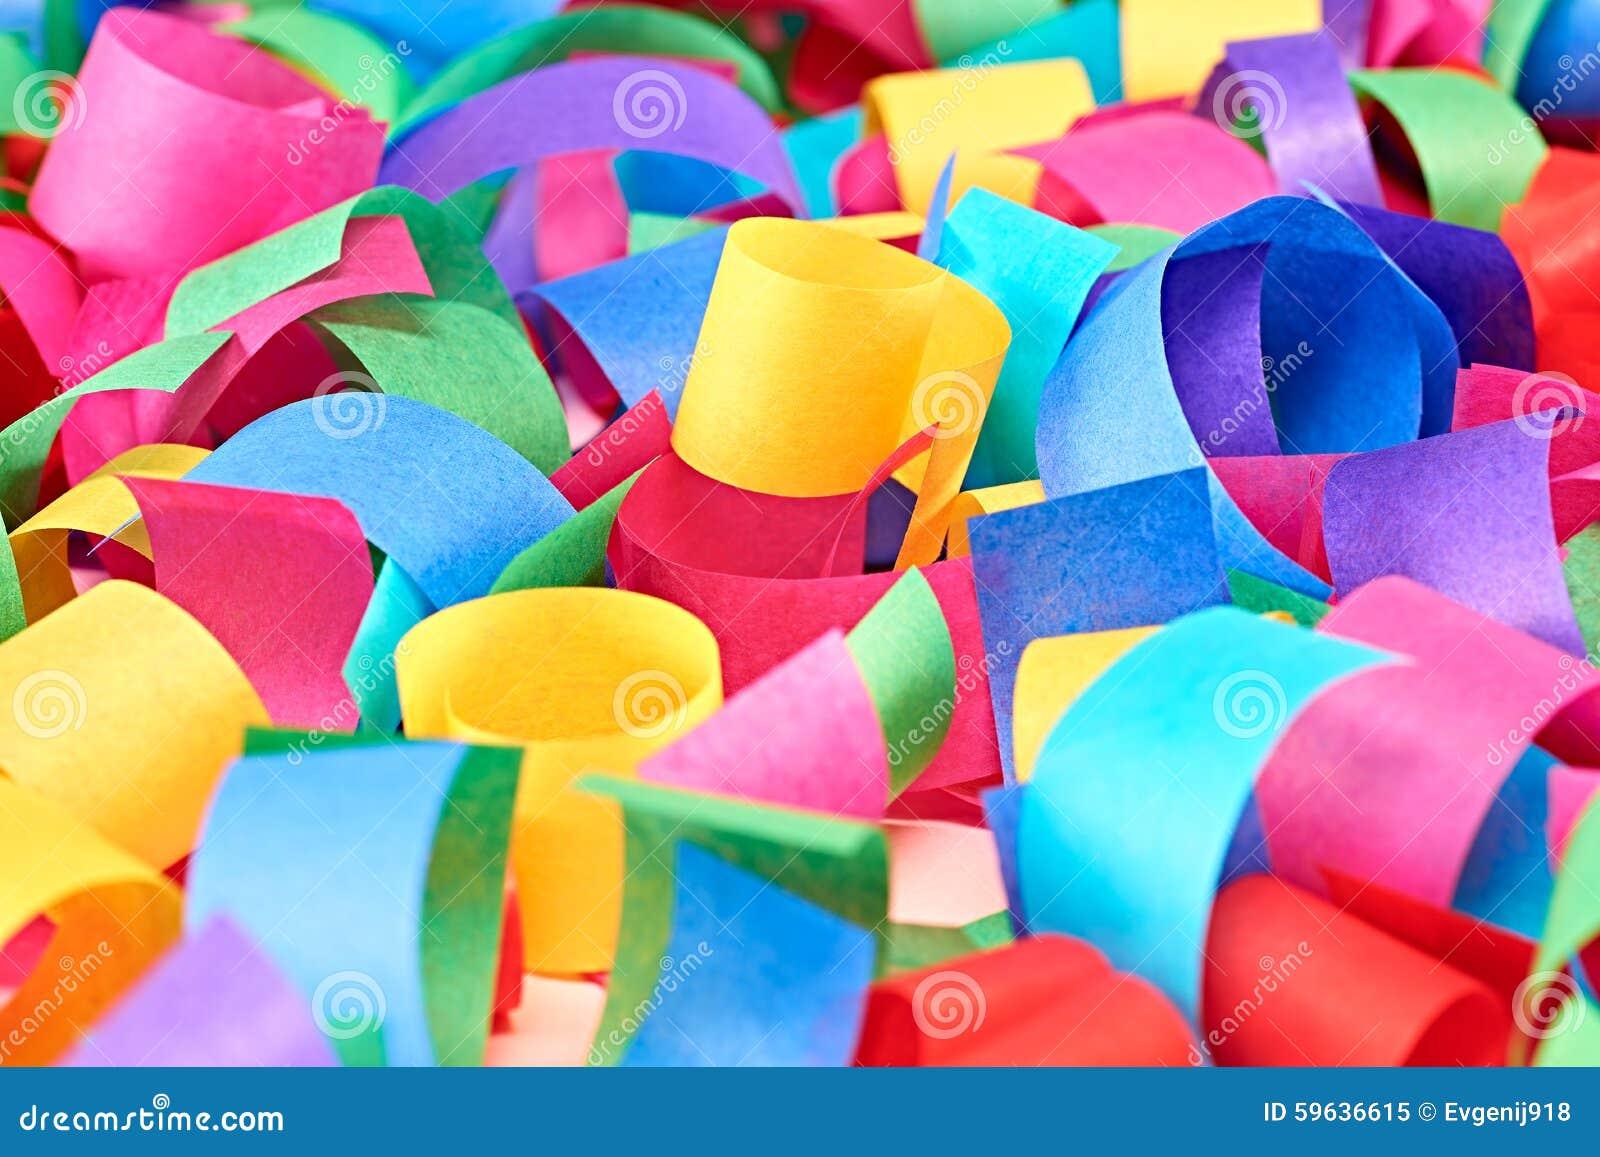 Nouvelle ann e 2016 no l d coration de f te de partie for Decoration fete de fin d annee